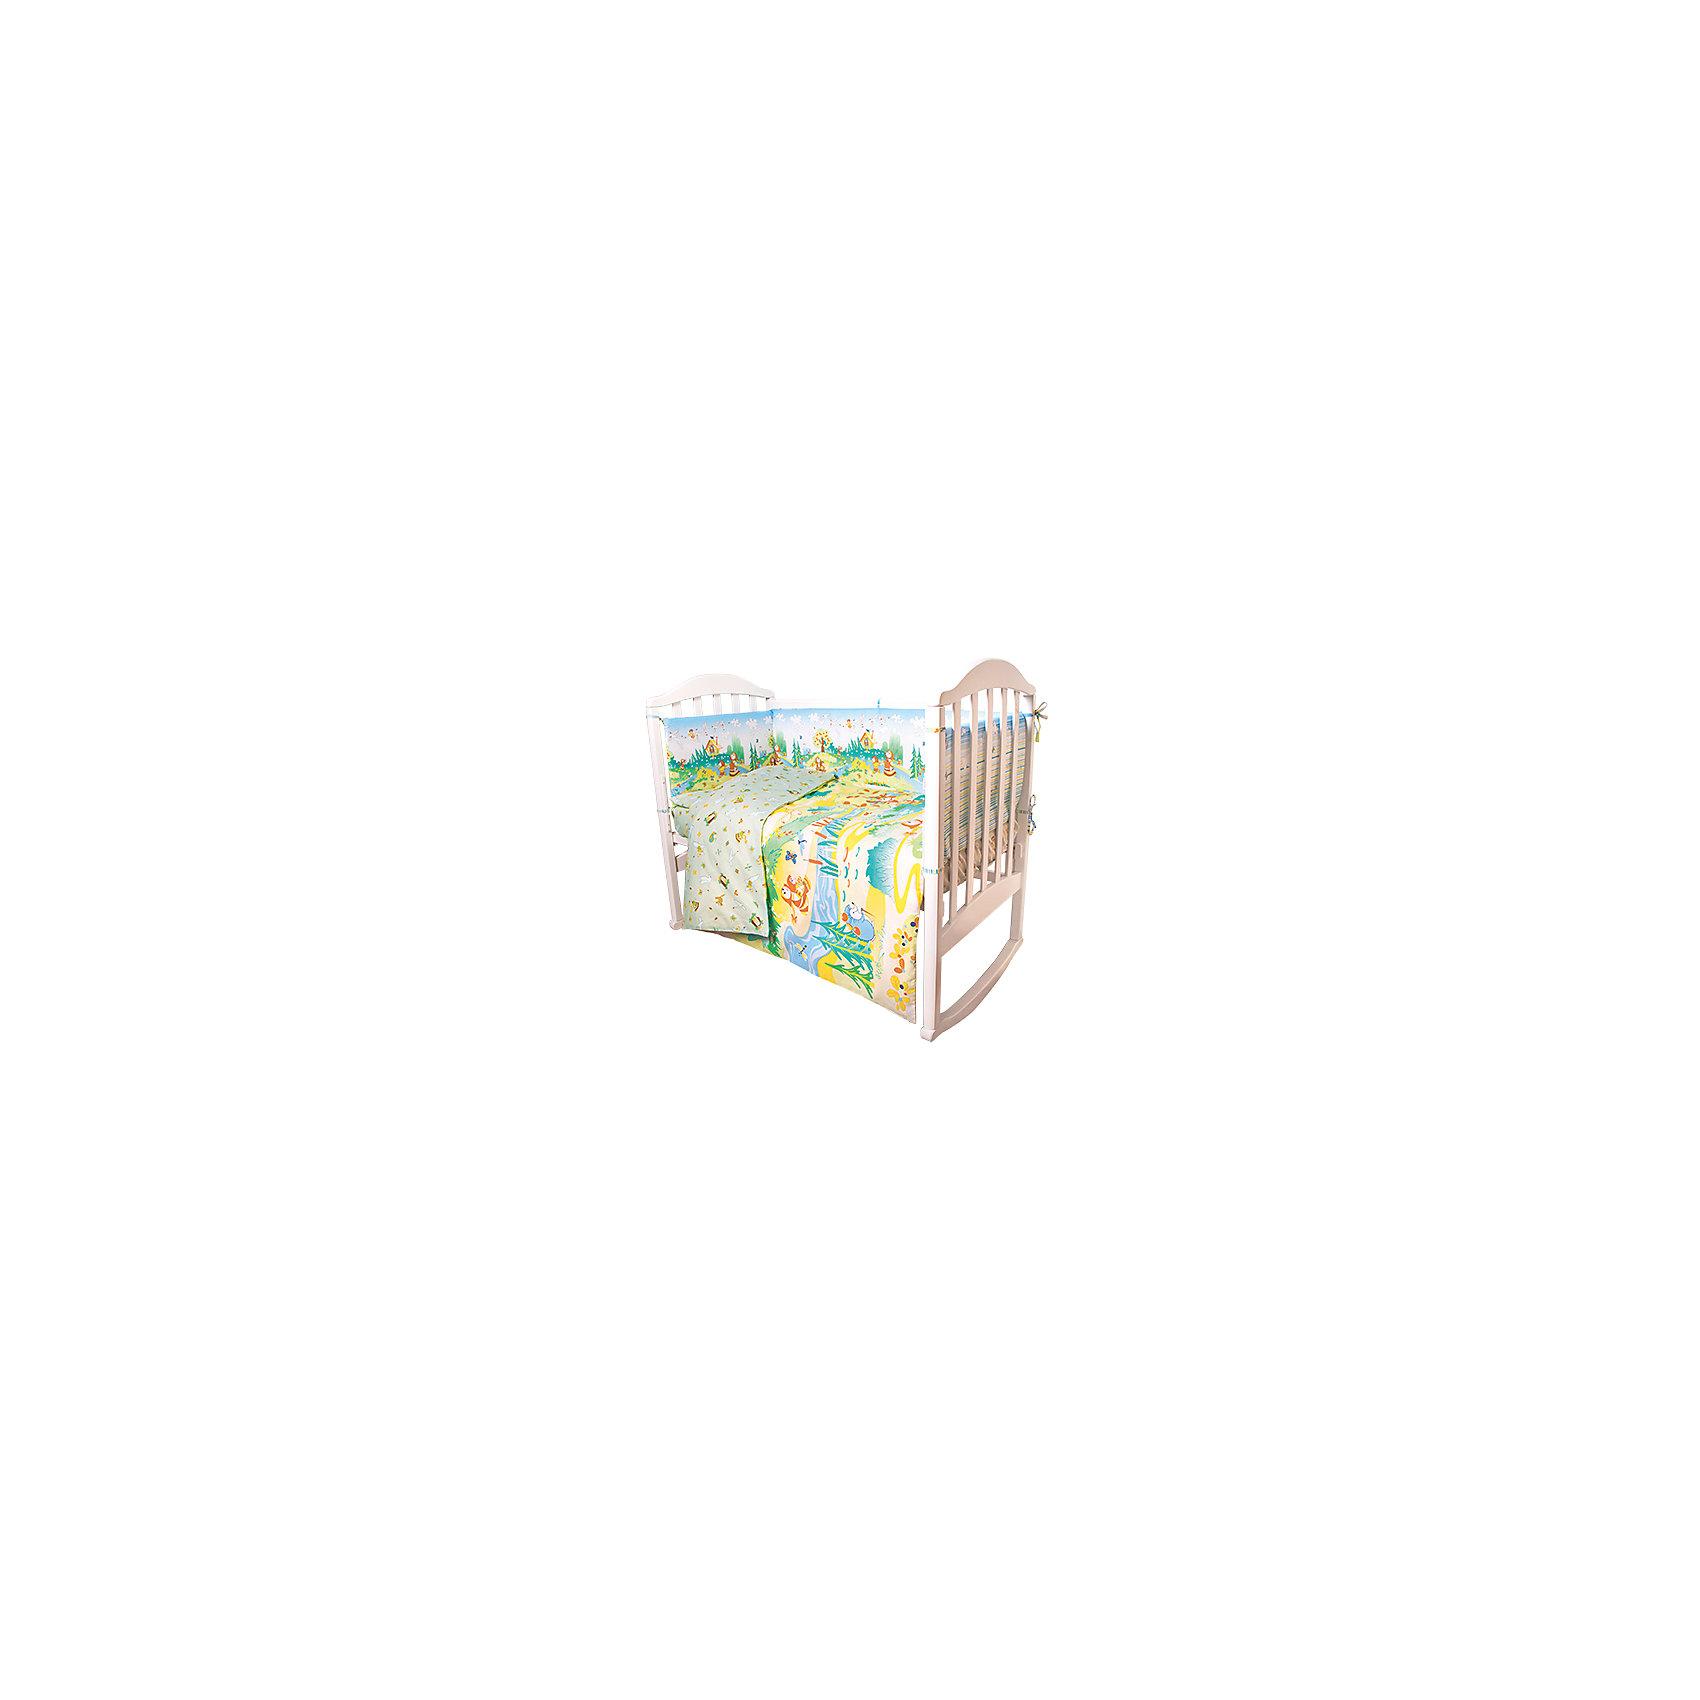 Постельное белье Гуси-лебеди Сказки 6 пред., Baby Nice, салатовыйПостельное белье для малышей должно быть качественным и безопасным. Этот комплект обеспечит малышу комфорт и тепло в кроватке. Он украшен симпатичным принтом.<br>Набор сшит из натуральной дышащего материала - хлопка, мягкого и приятного на ощупь. Она не вызывает аллергии, что особенно важно для малышей. Также материал обеспечит хорошую терморегуляцию. Комплект сделан из высококачественных материалов, безопасных для ребенка.<br><br>Дополнительная информация:<br><br>цвет: салатовый;<br>материал: 100% хлопок, наполнитель - файбер;<br>комплектация: простыня 112 х 147 см, пододеяльник 112 х 147 см, наволочка 40 х 60, борт( 120х35-2 шт., 60х35-2 шт.), одеяло 110 х 140 см, подушка 40 х 60 см.;<br>принт.<br><br>Постельное белье Гуси-лебеди Сказки 6 пред., от компании Baby Nice можно купить в нашем магазине.<br><br>Ширина мм: 250<br>Глубина мм: 600<br>Высота мм: 450<br>Вес г: 1200<br>Возраст от месяцев: 0<br>Возраст до месяцев: 36<br>Пол: Унисекс<br>Возраст: Детский<br>SKU: 4941791